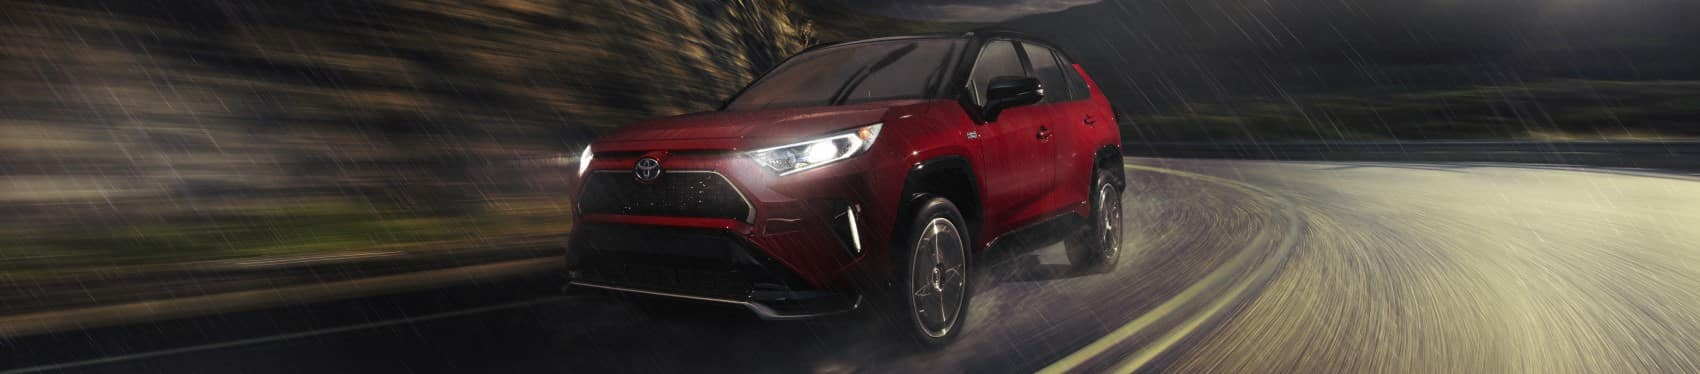 Toyota SUVs RAV4 Prime